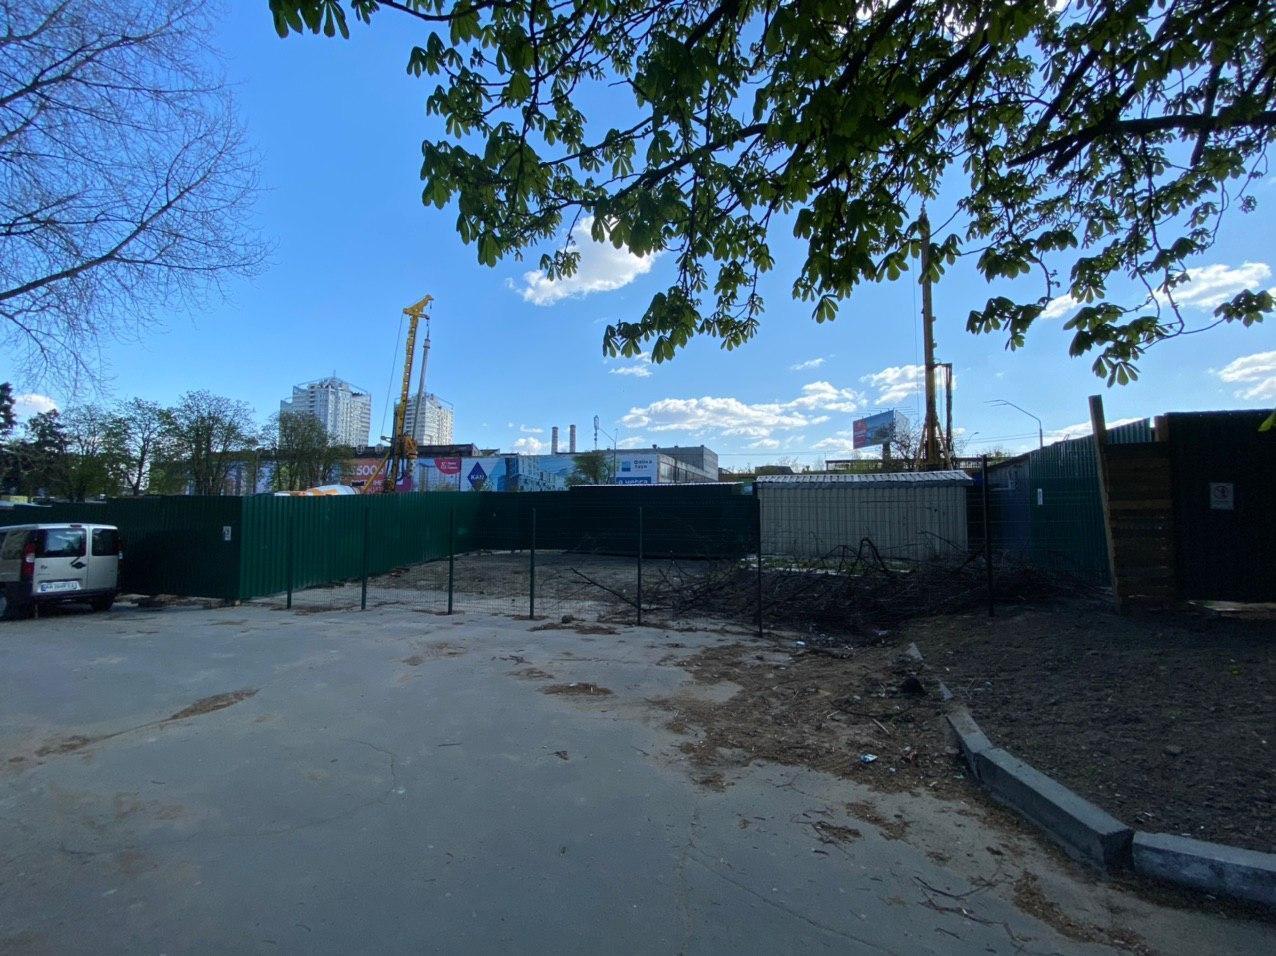 Уравнение со многими неизвестными: ЖК 50 Avenue на Шулявке строят без разрешений